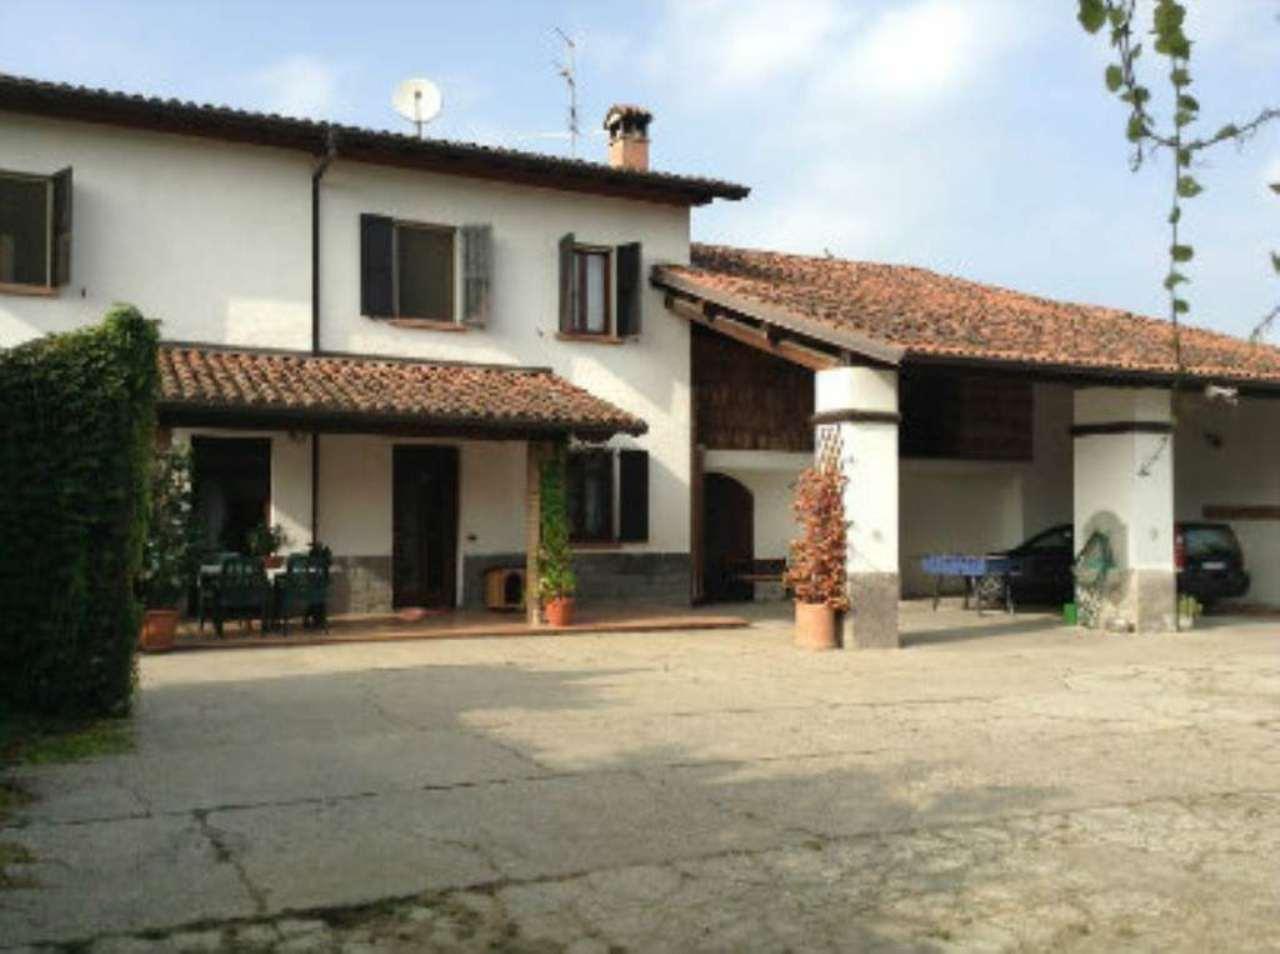 Rustico / Casale in vendita a Borghetto Lodigiano, 5 locali, prezzo € 395.000 | CambioCasa.it